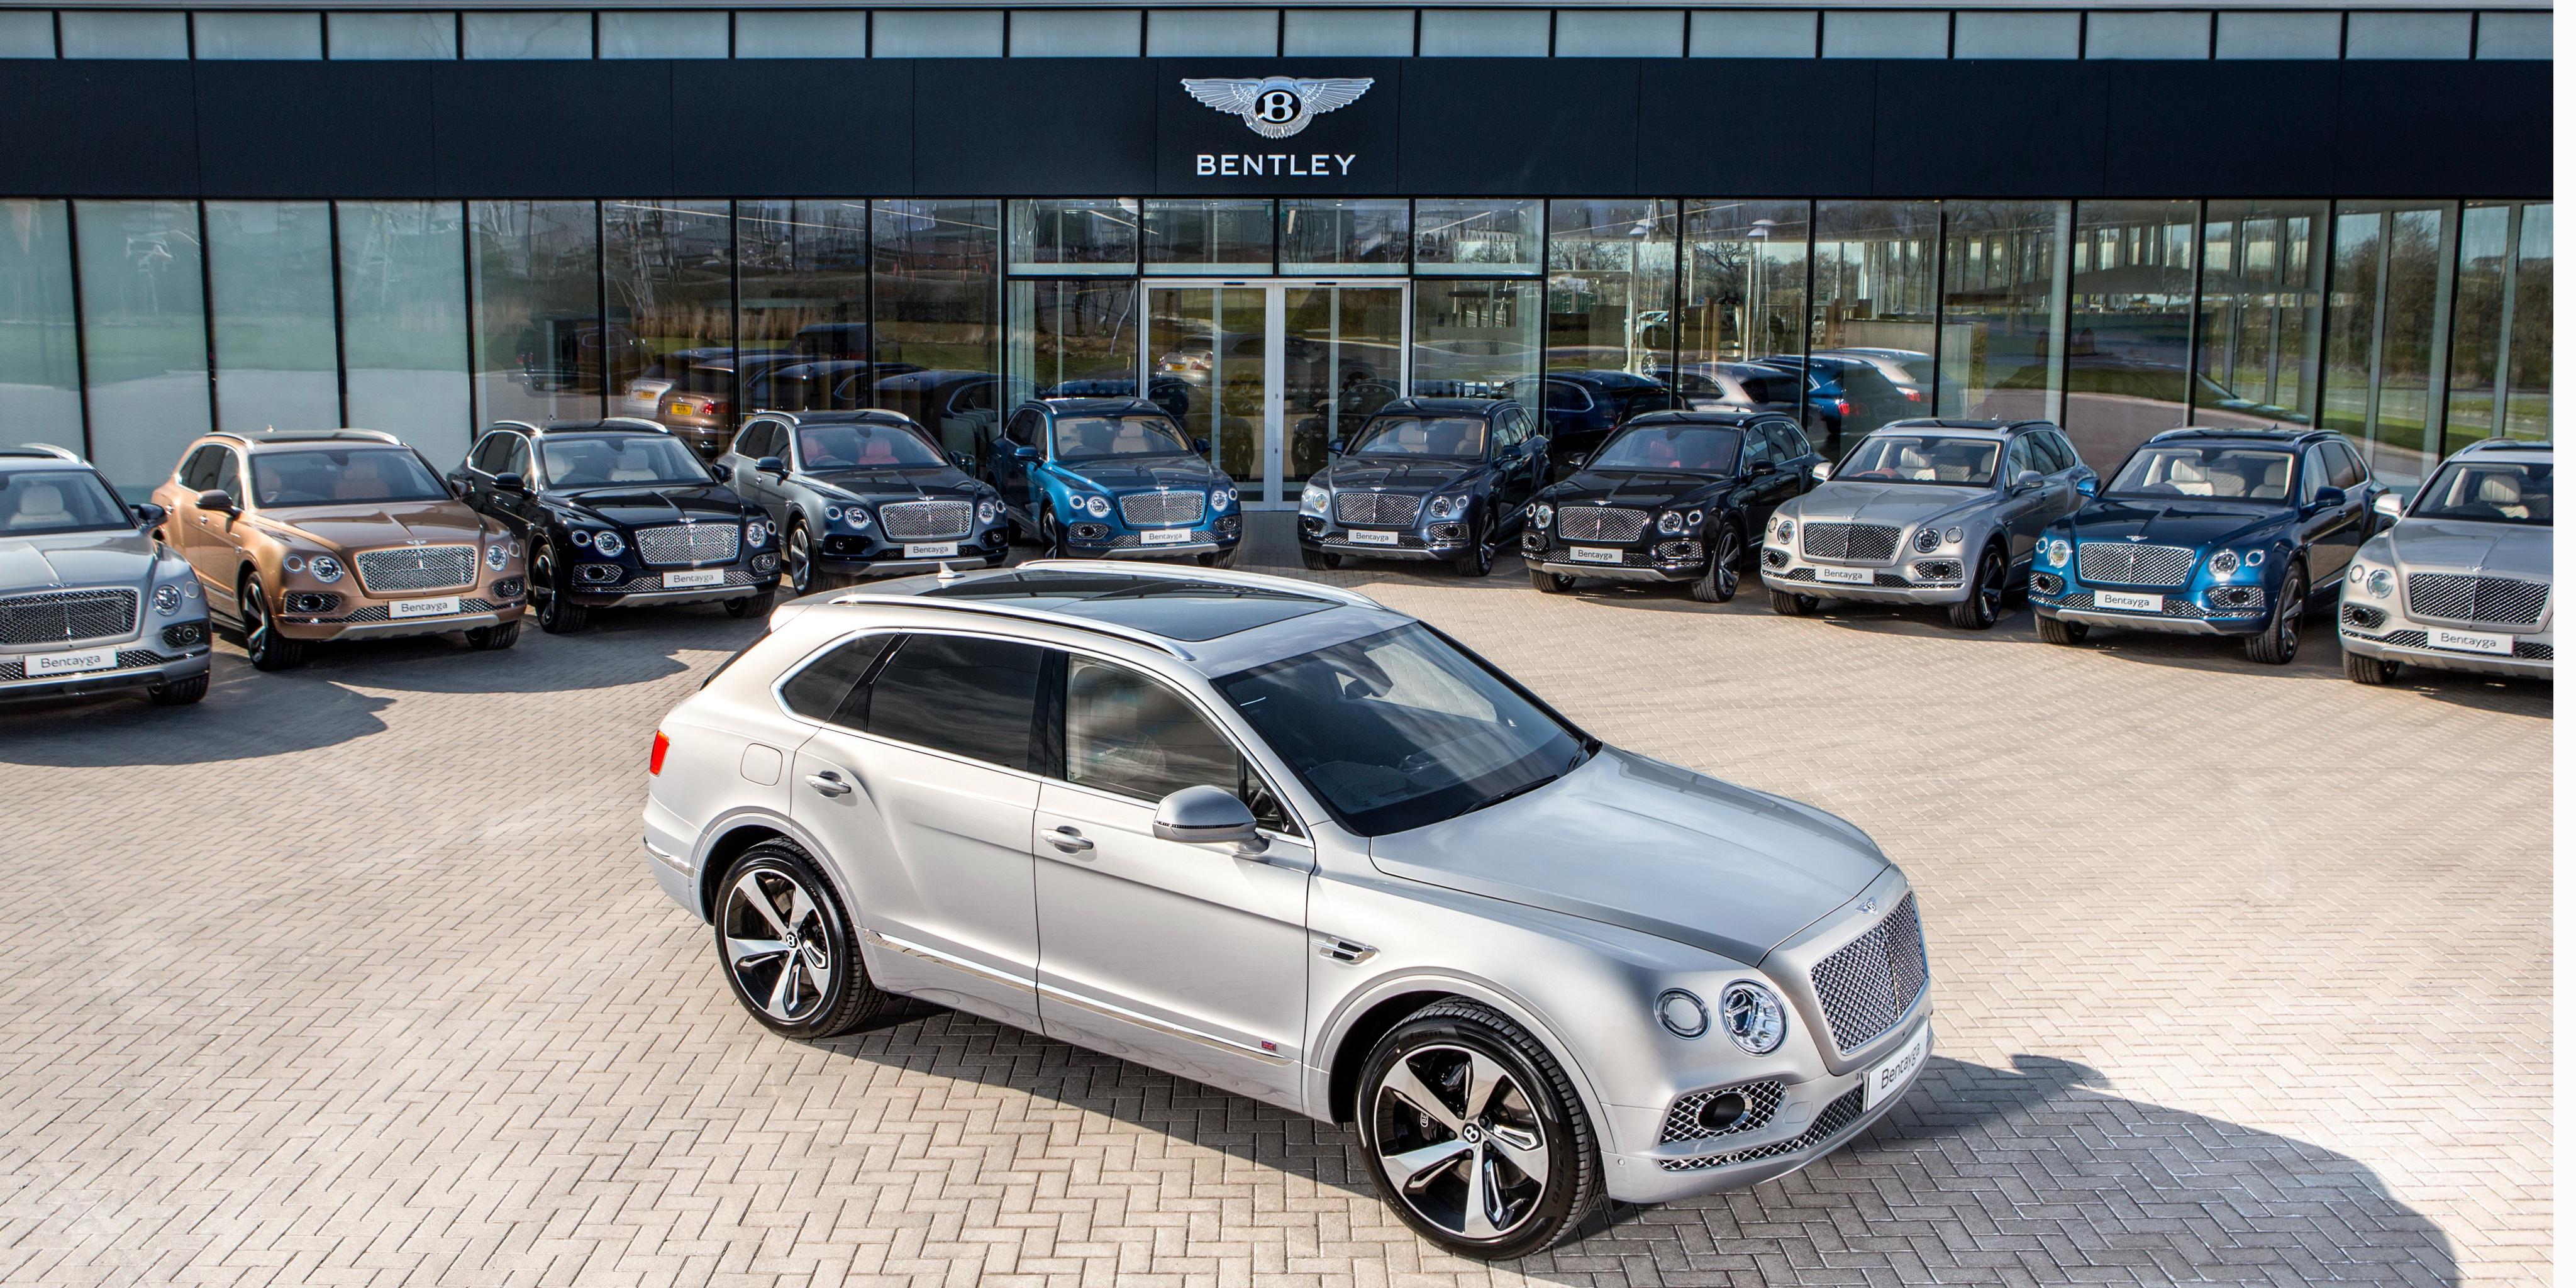 Ventas de las novedades más recientes en marzo: Llegan los Bentley Bentayga